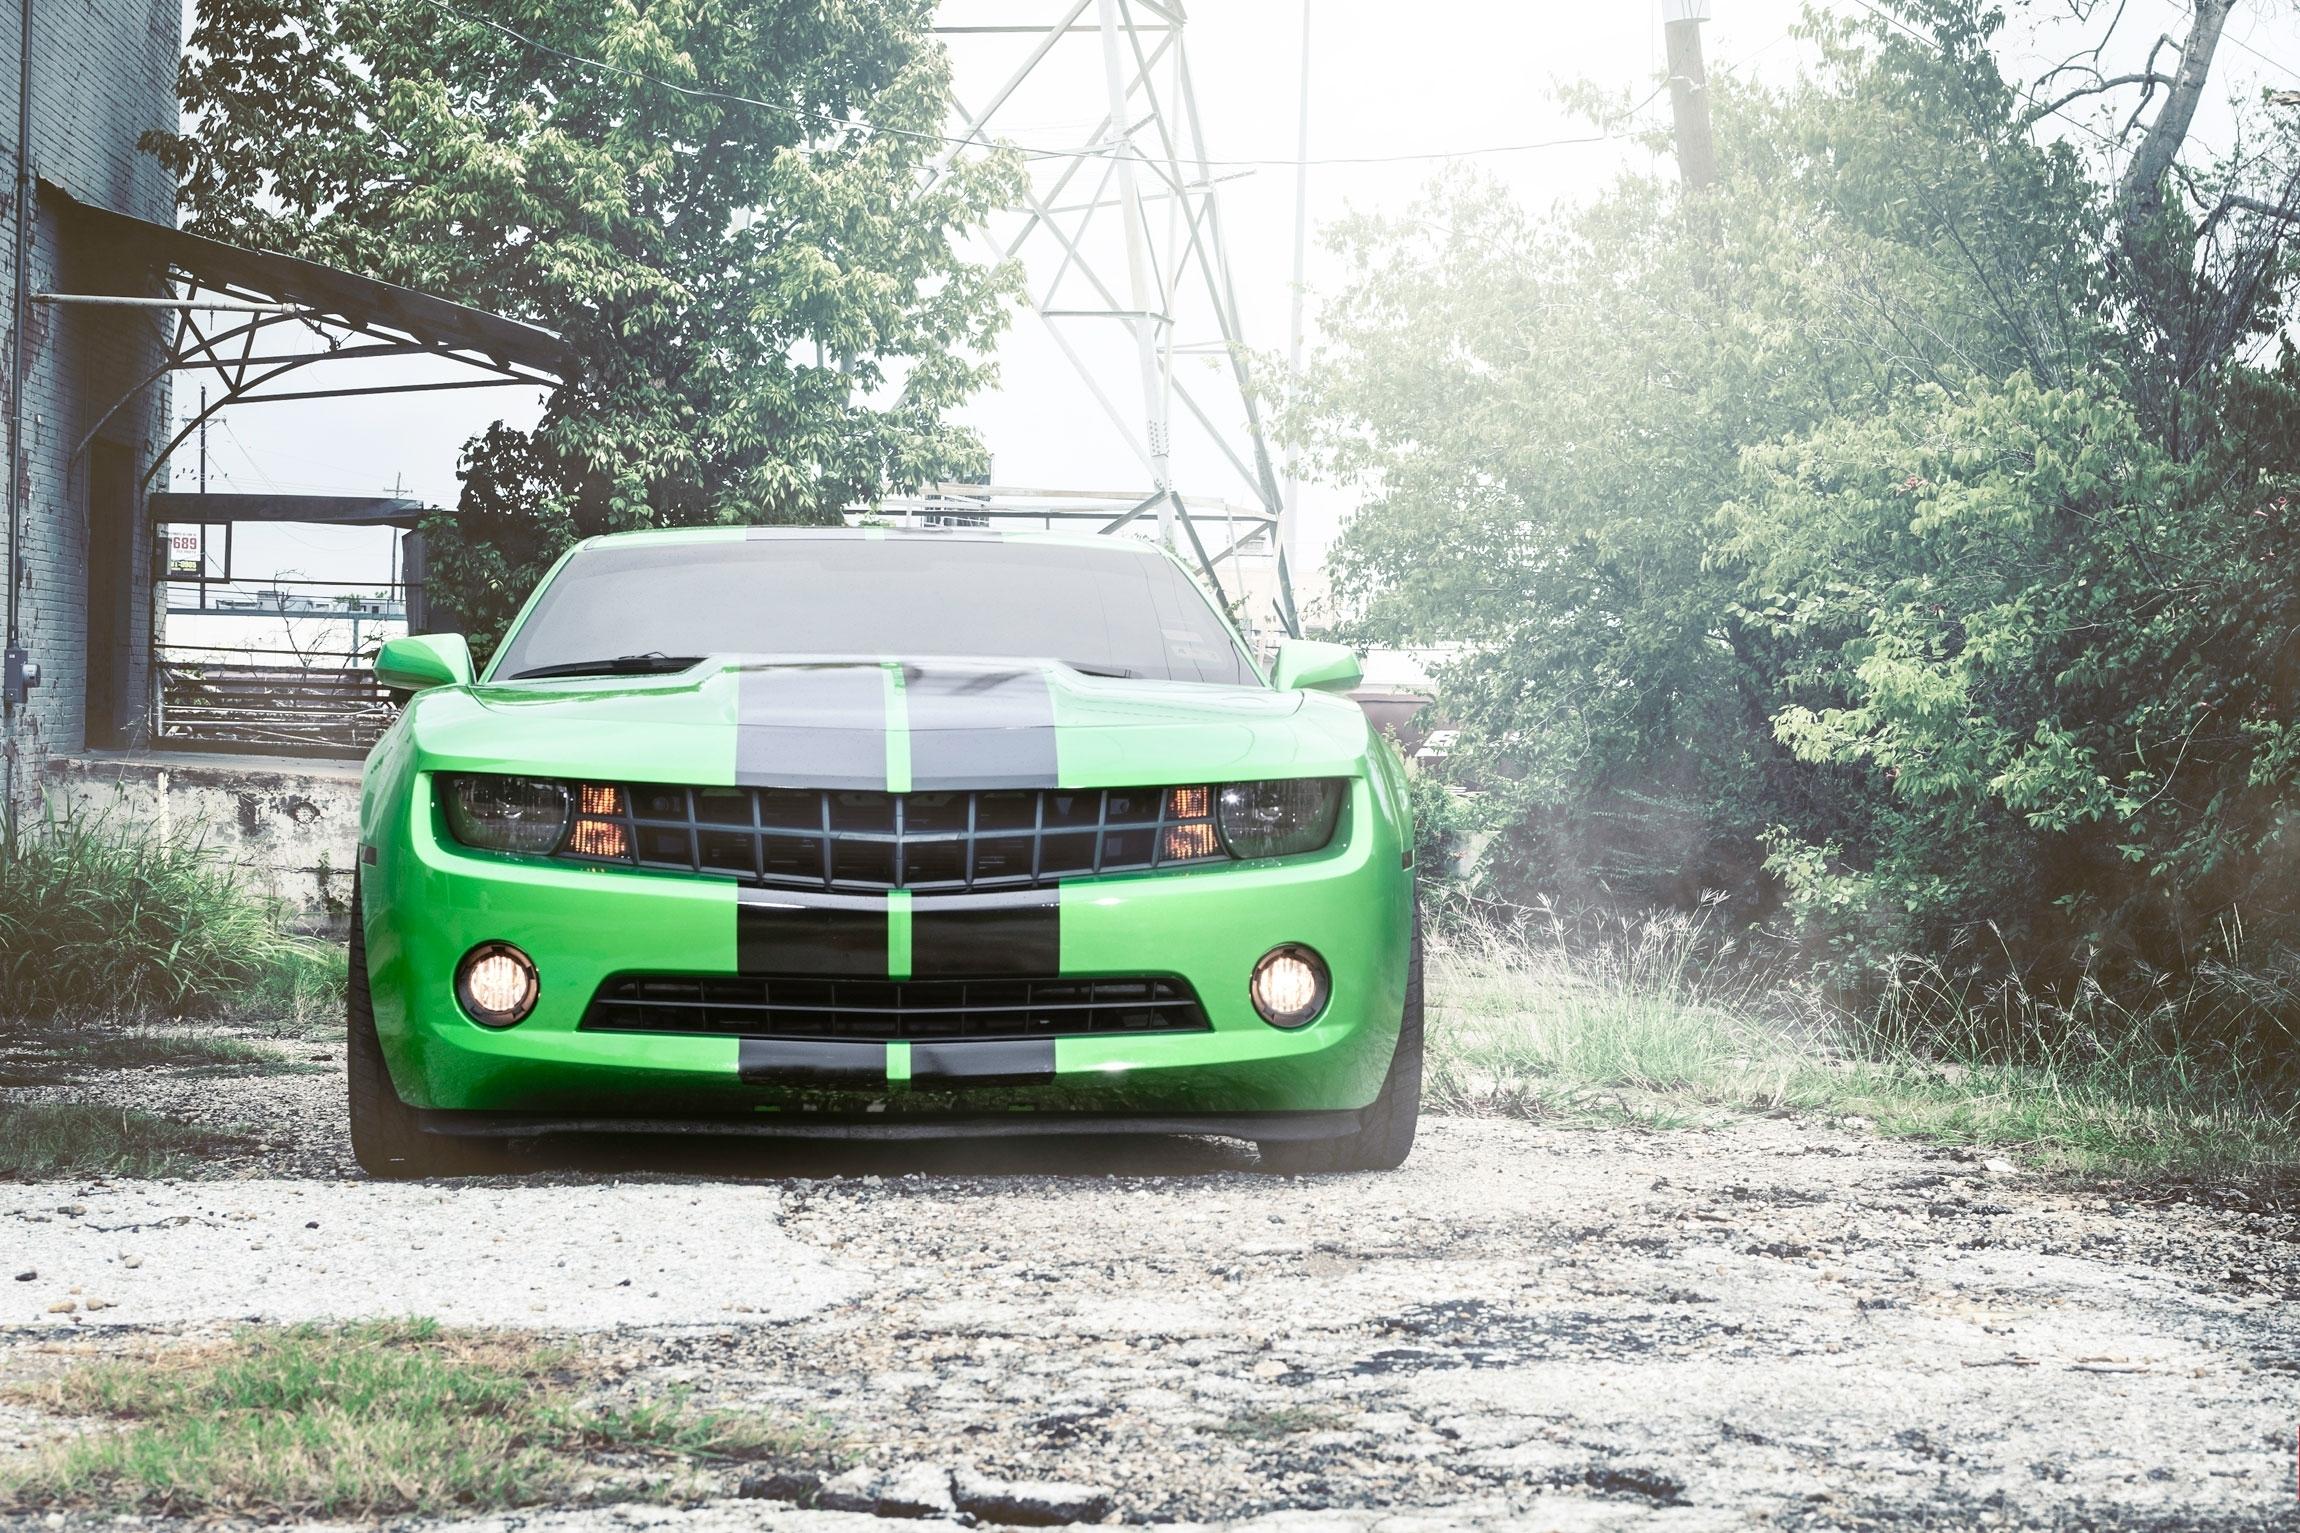 83642 скачать обои Тачки (Cars), Шевроле (Chevrolet), Camaro, Шевроле, Камаро, Передок, Зелёный, Чёрные, Полосы - заставки и картинки бесплатно